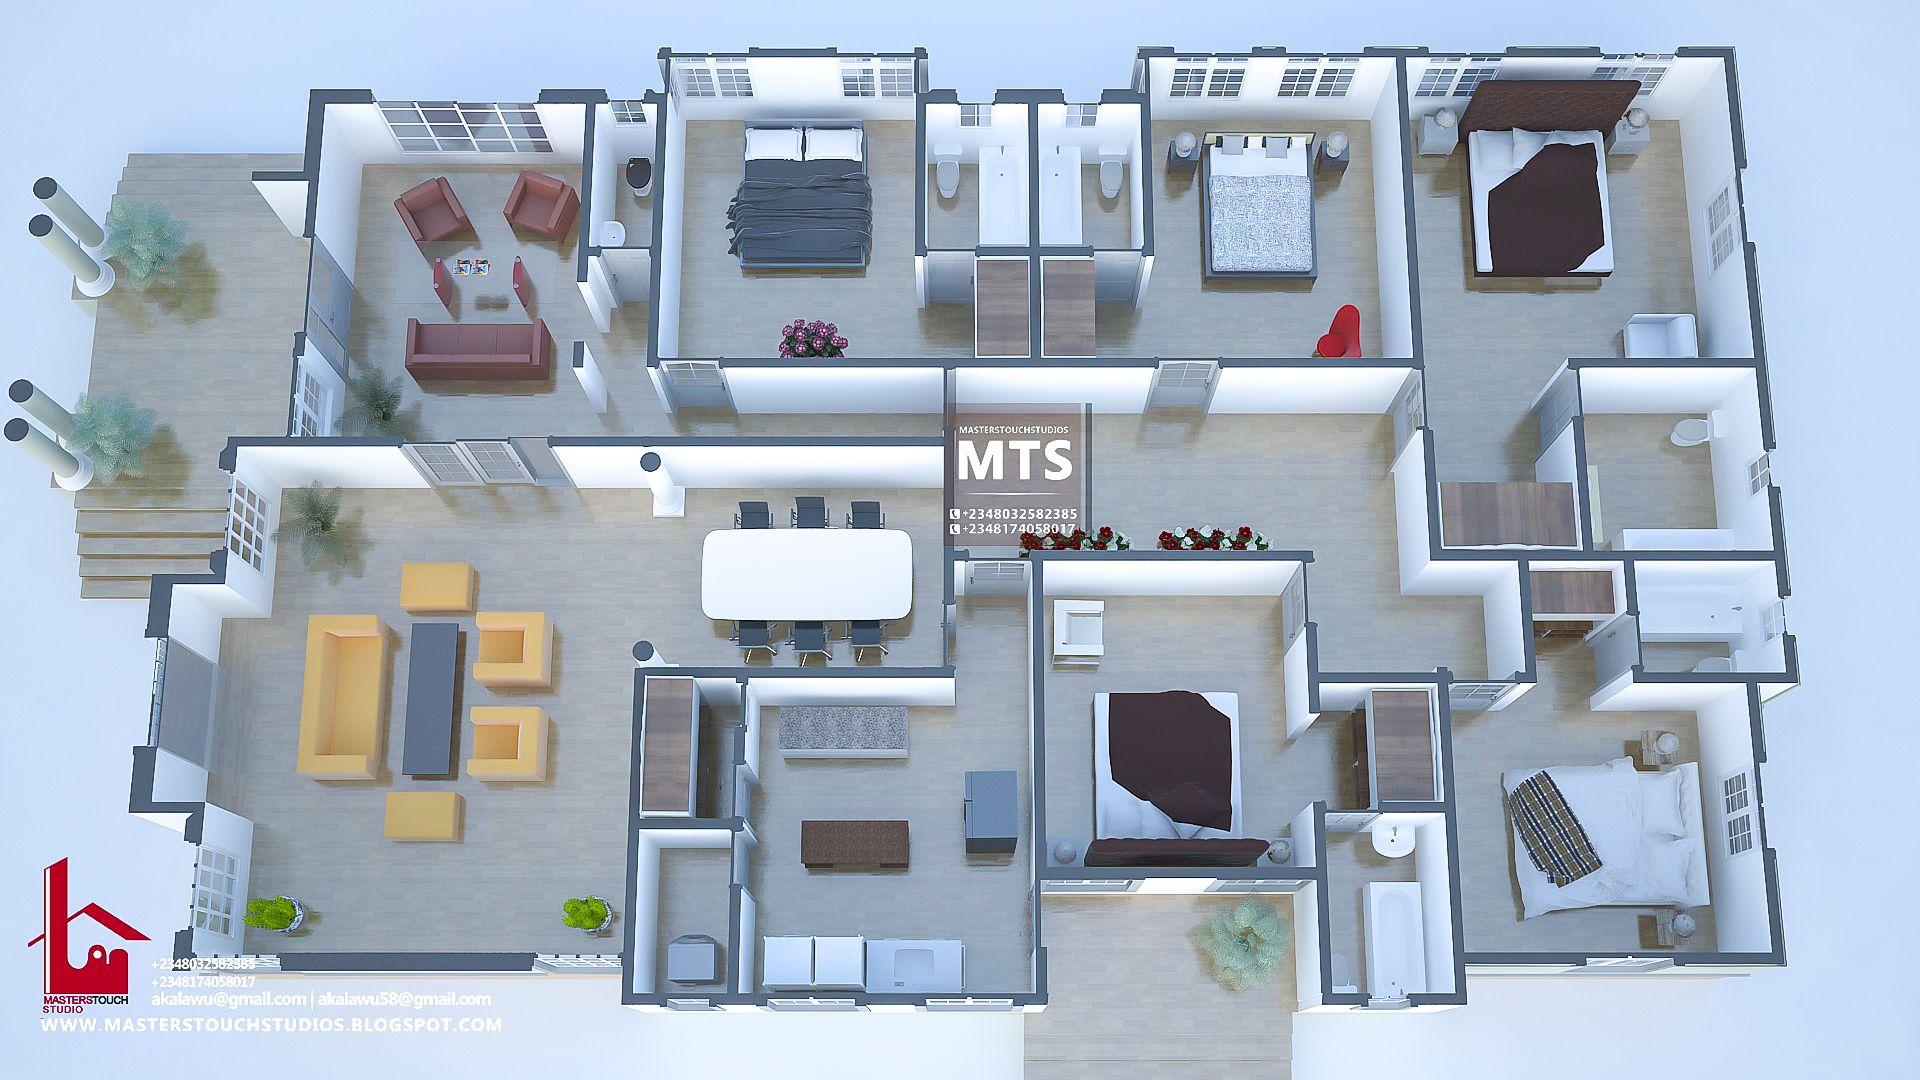 5 Bedroom Bungalow Bungalow Floor Plans Contemporary House Plans 5 Bedroom House Plans